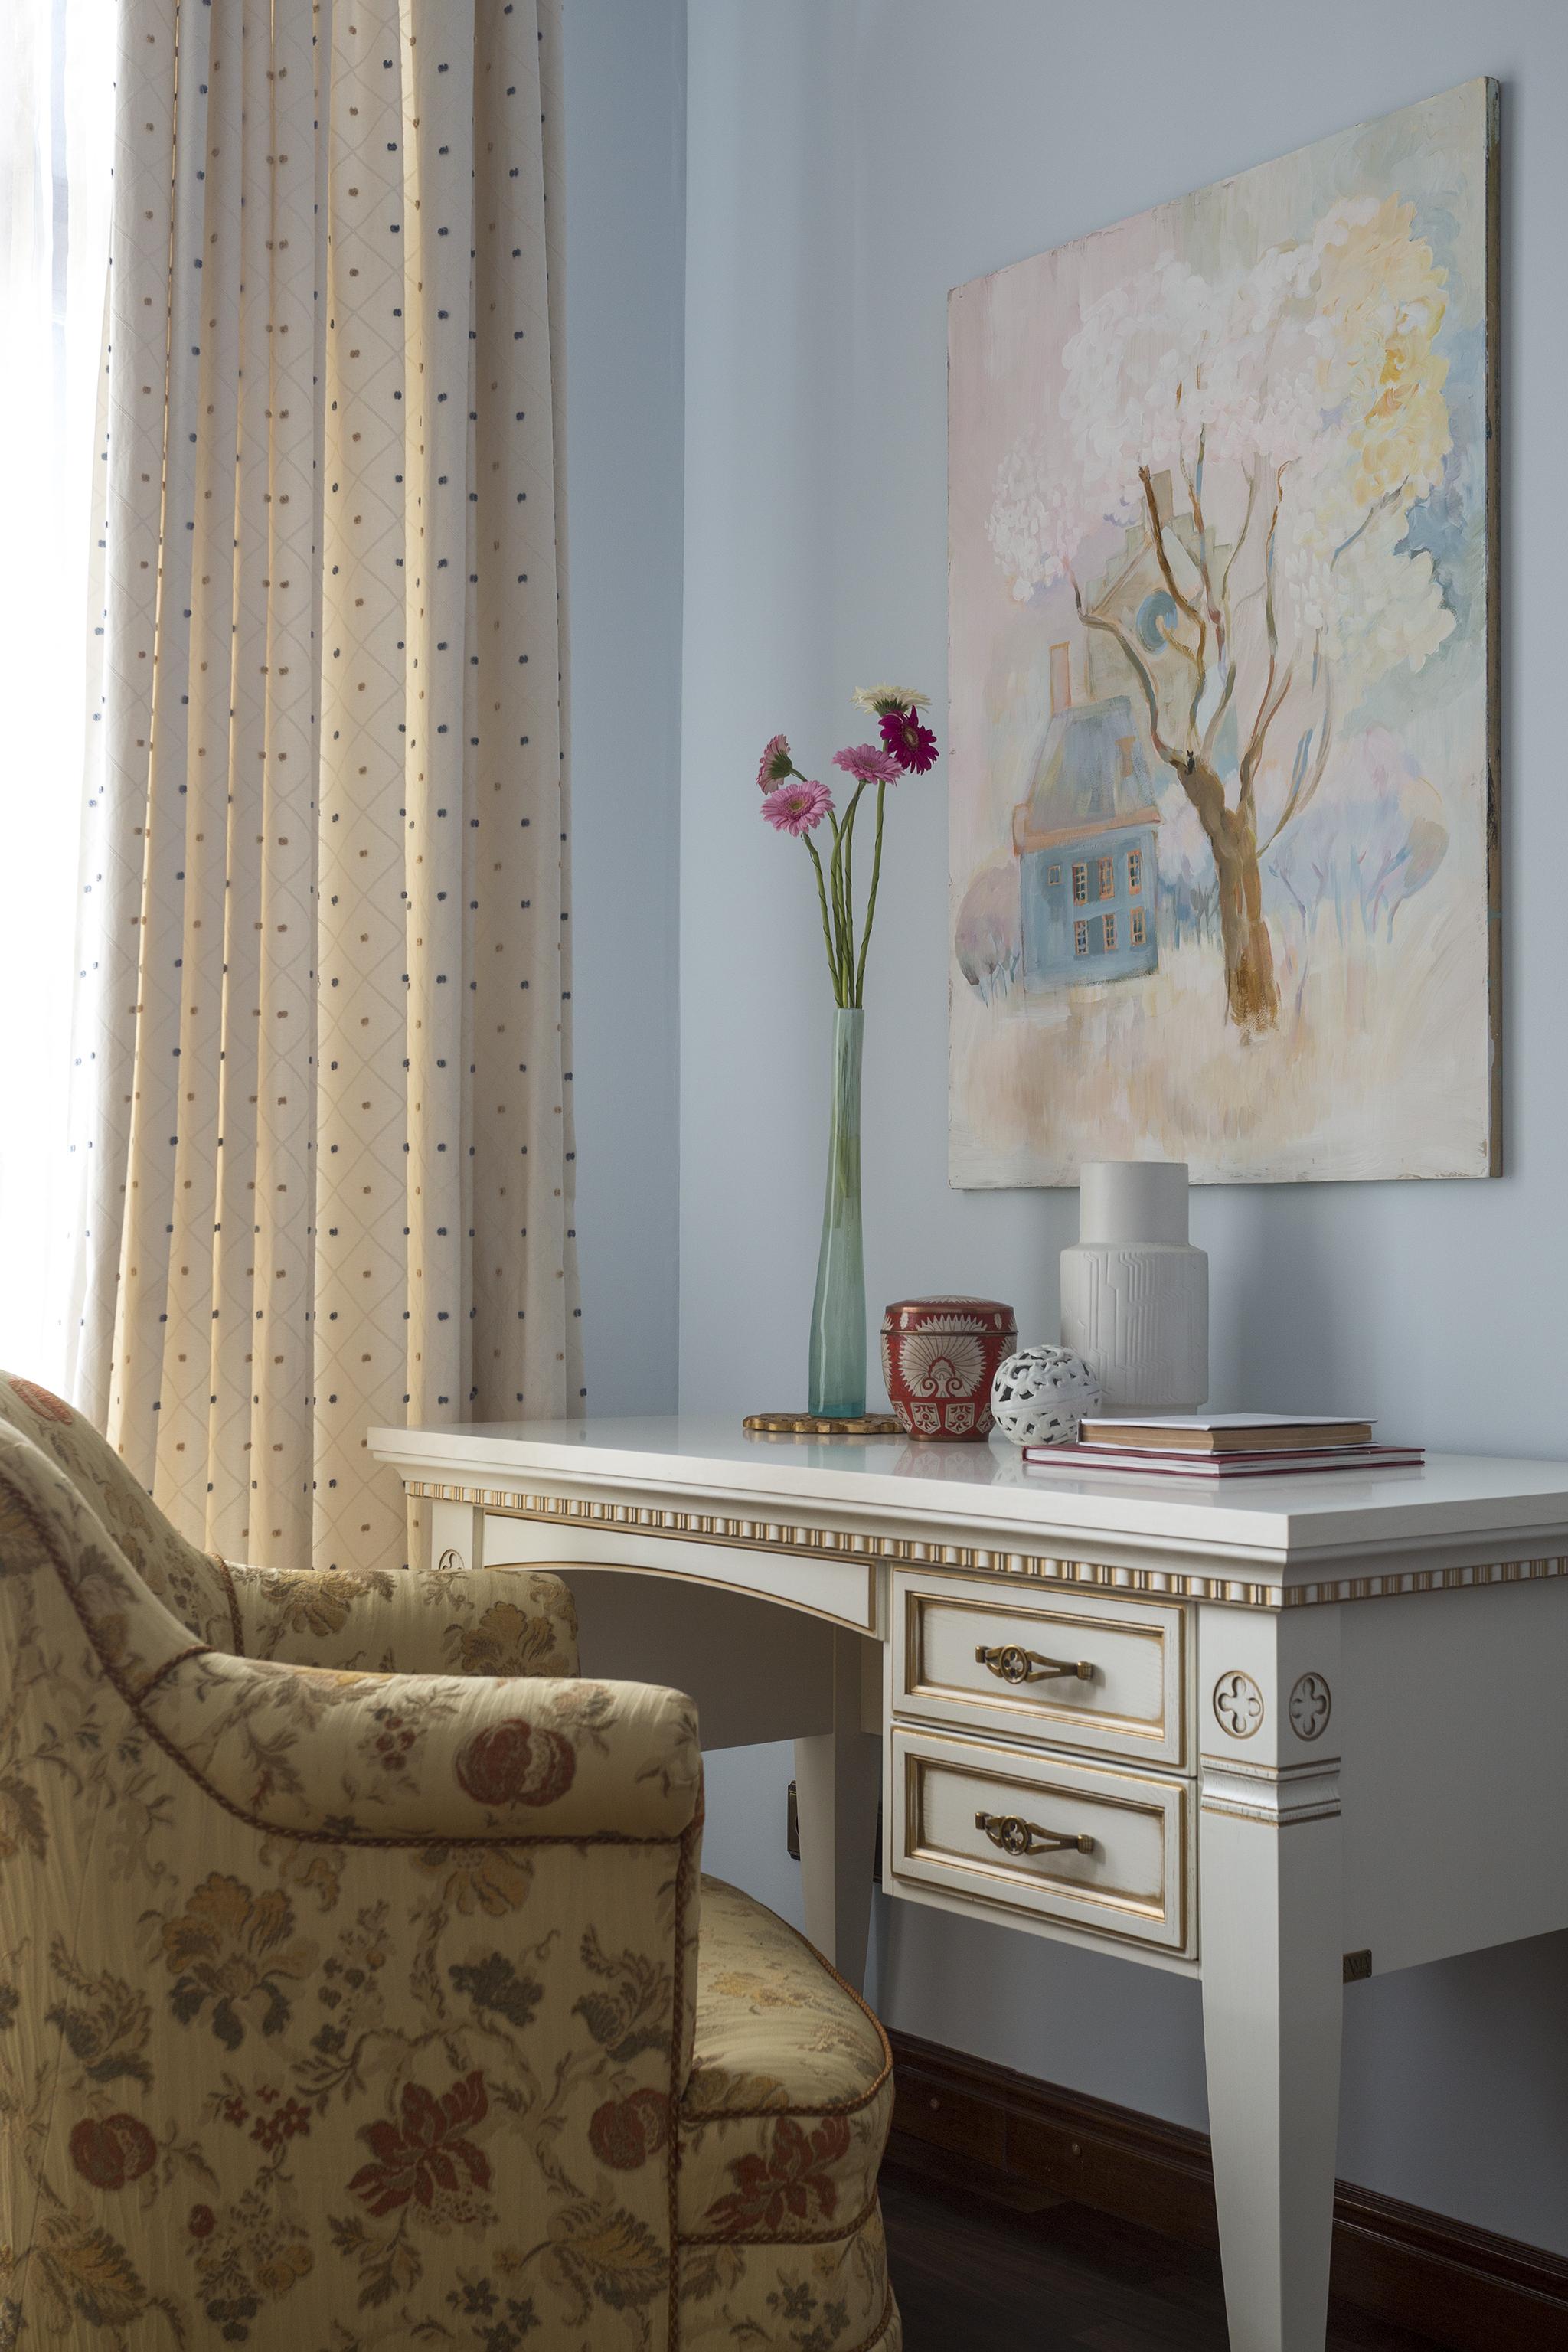 В этой детской мы создали атмосферу спокойствия, умиротворения и уюта. Светло-голубые стены, обивка кресла с характерным для французского стиля рисунком, письменный стол в деревенском стиле.